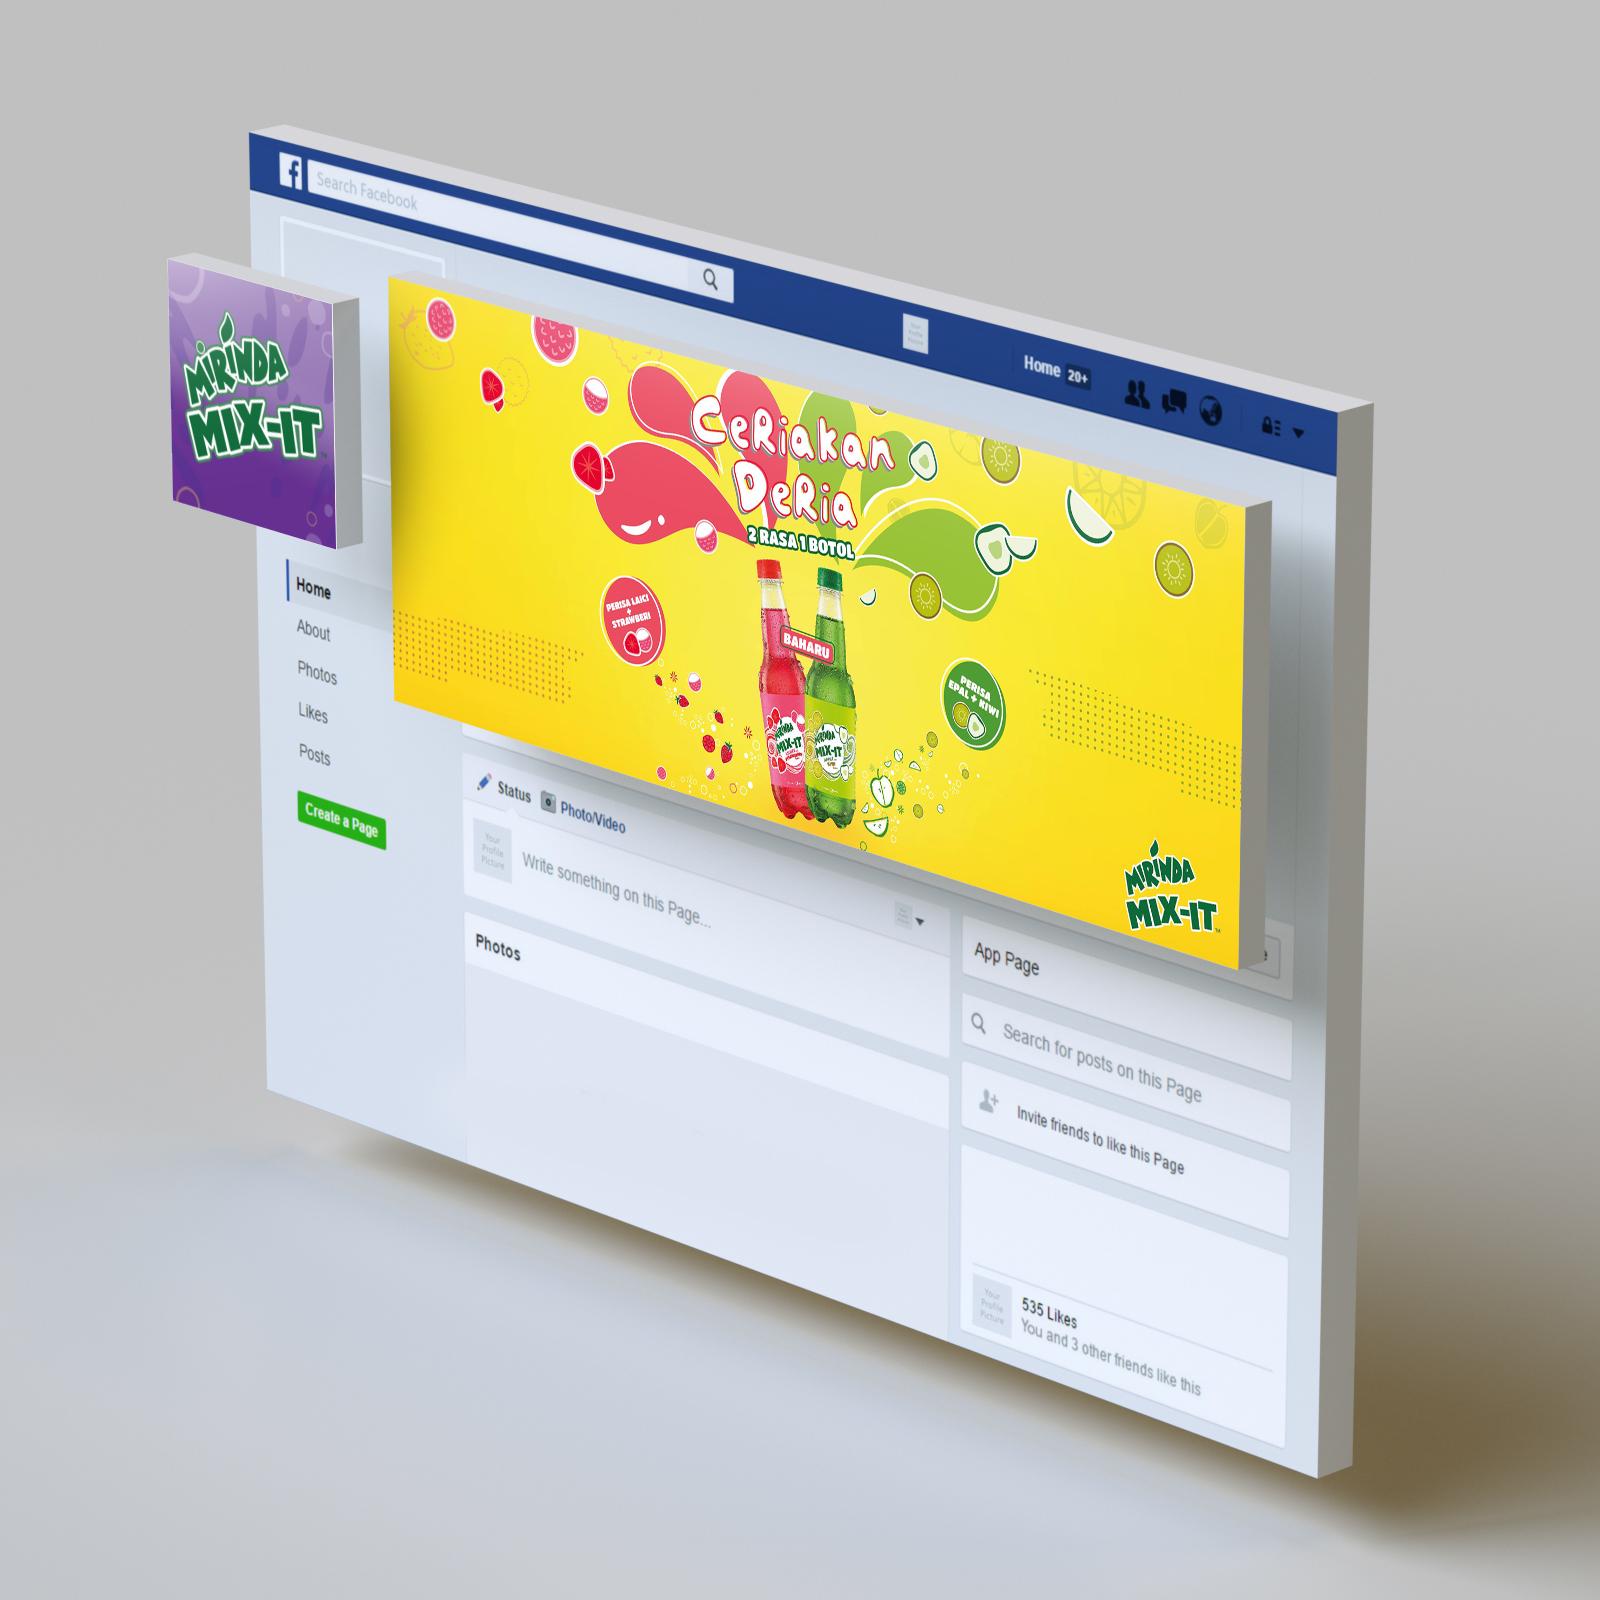 Mirinda Mix It - Social Media Management